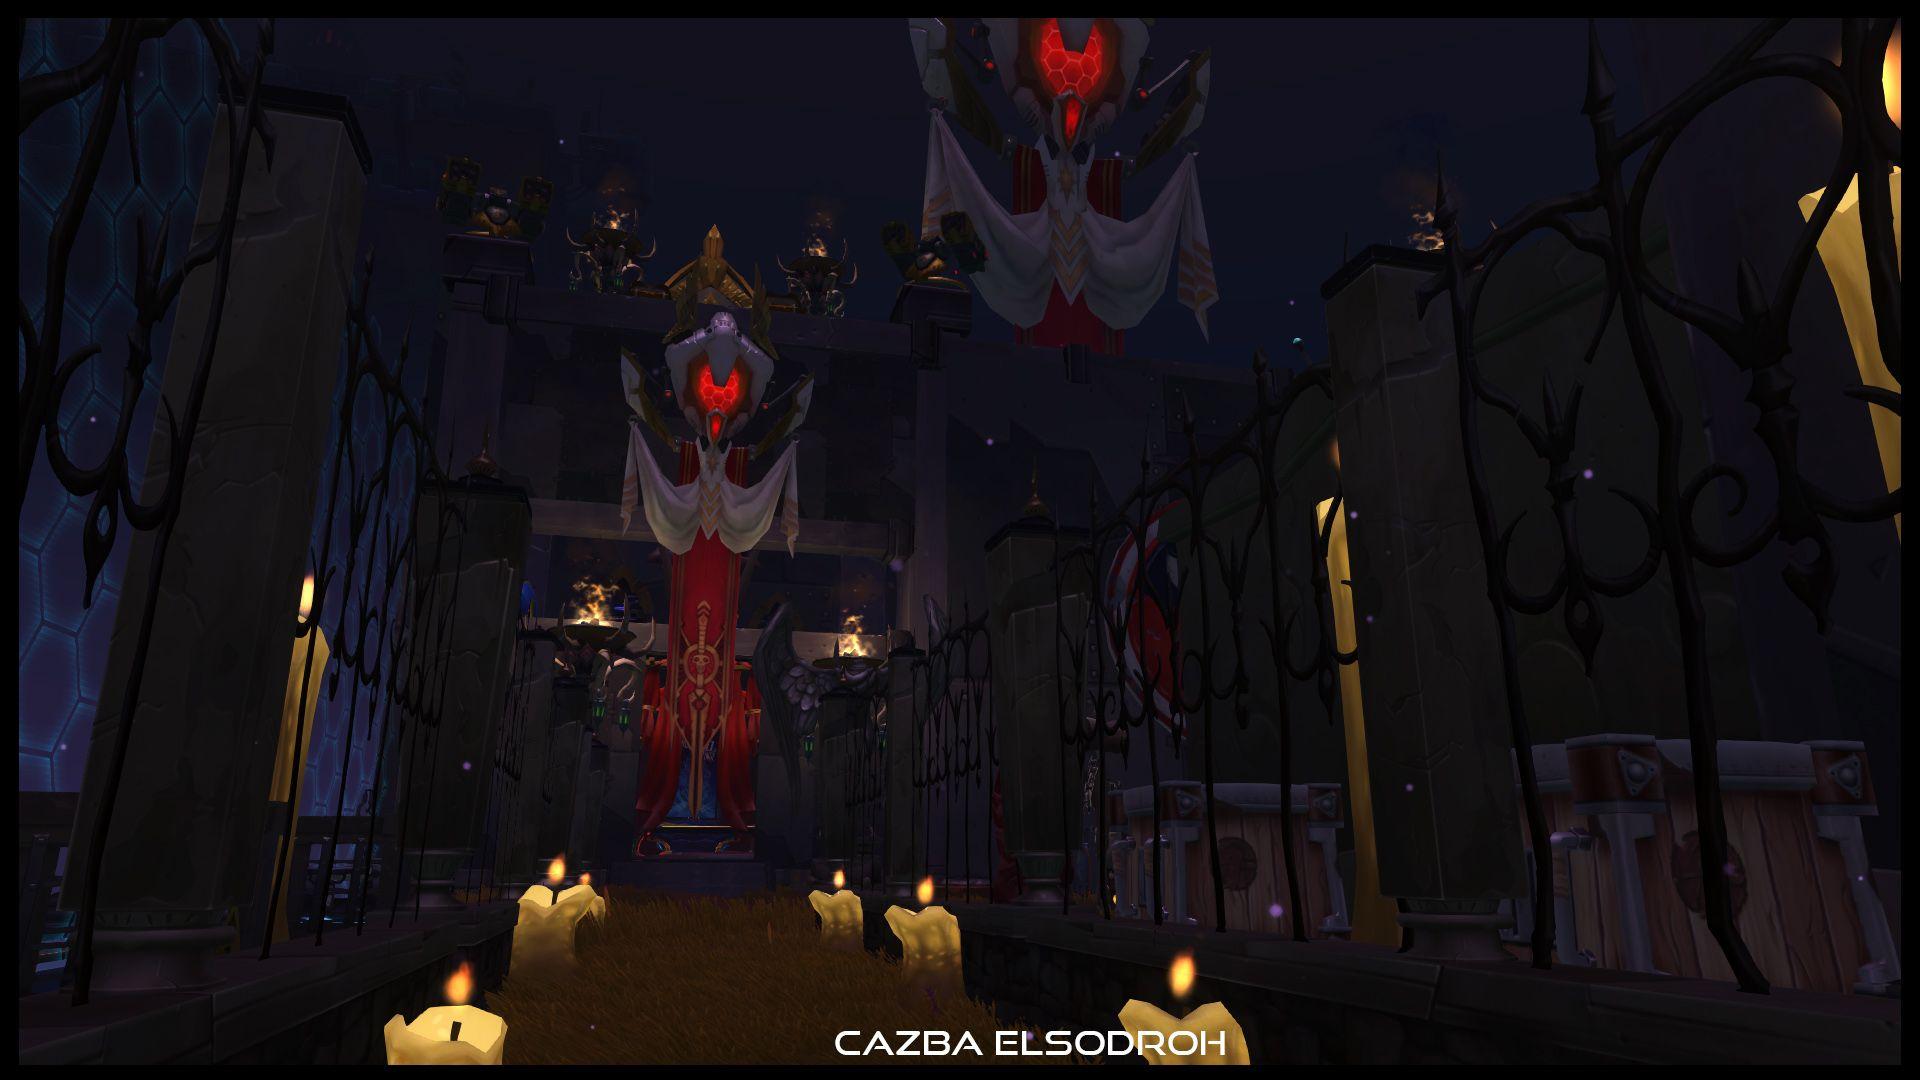 La Cazba Elsodroh | Wildstar Housing